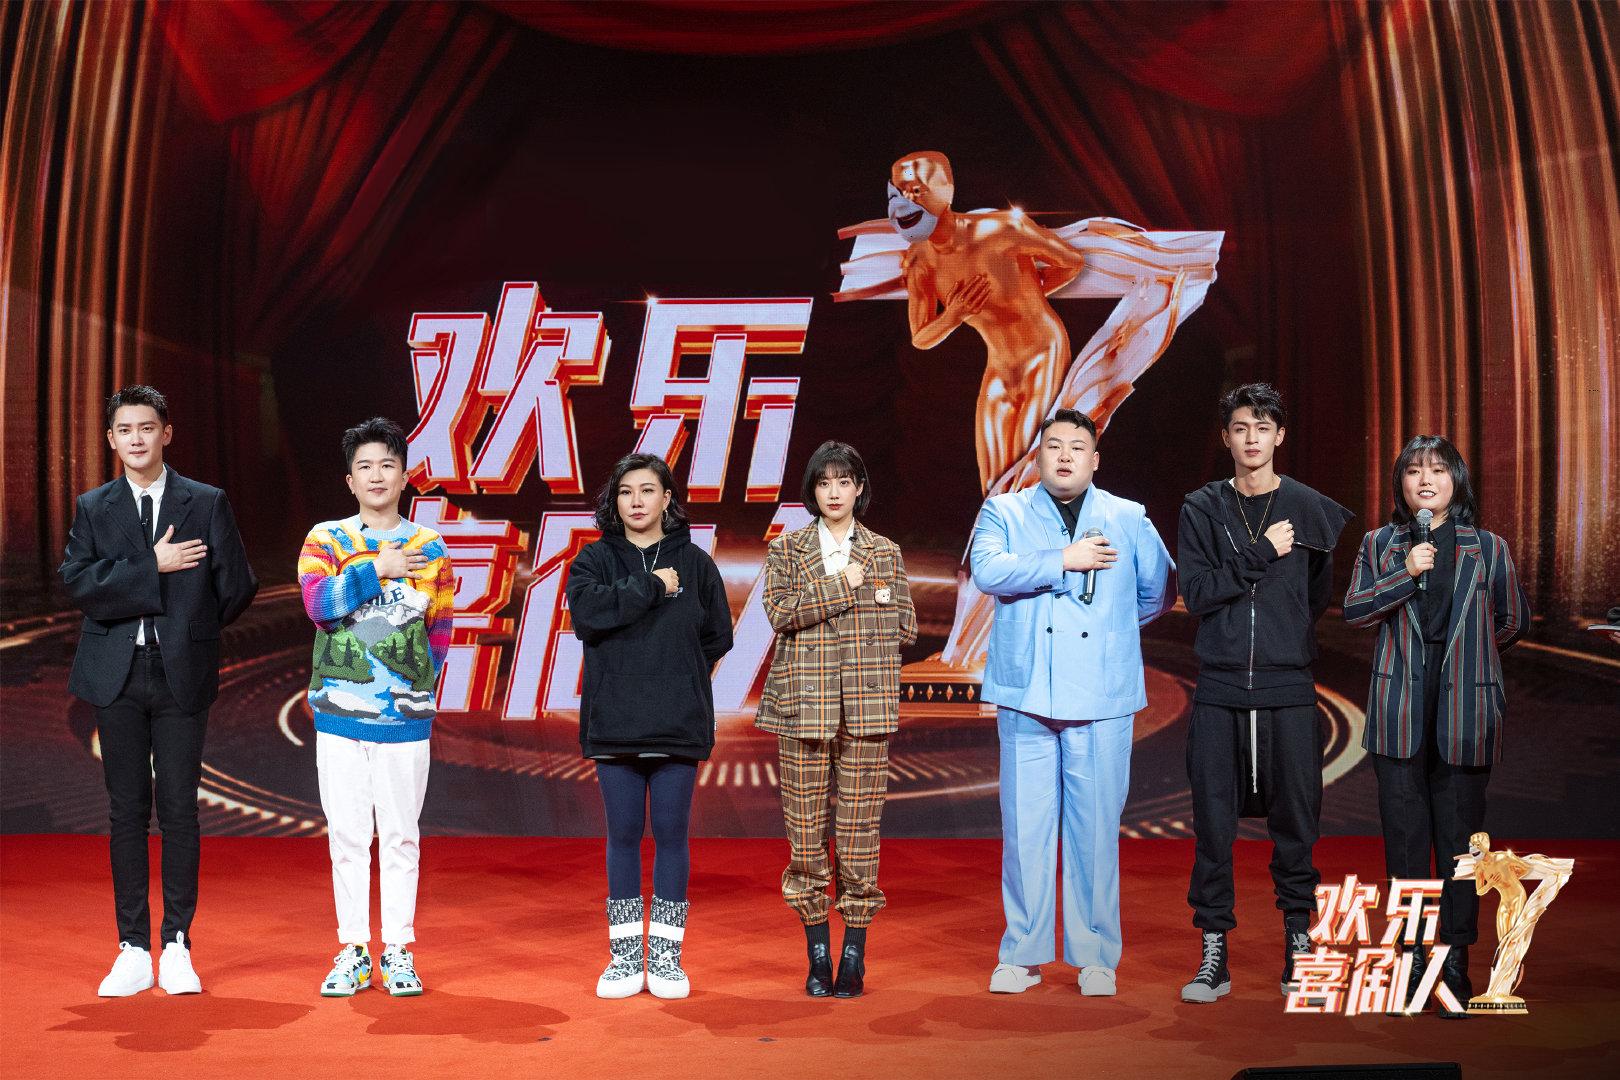 《欢乐喜剧人》开播满屏尴尬,辽宁民间艺术团撑场,李雪琴有惊喜